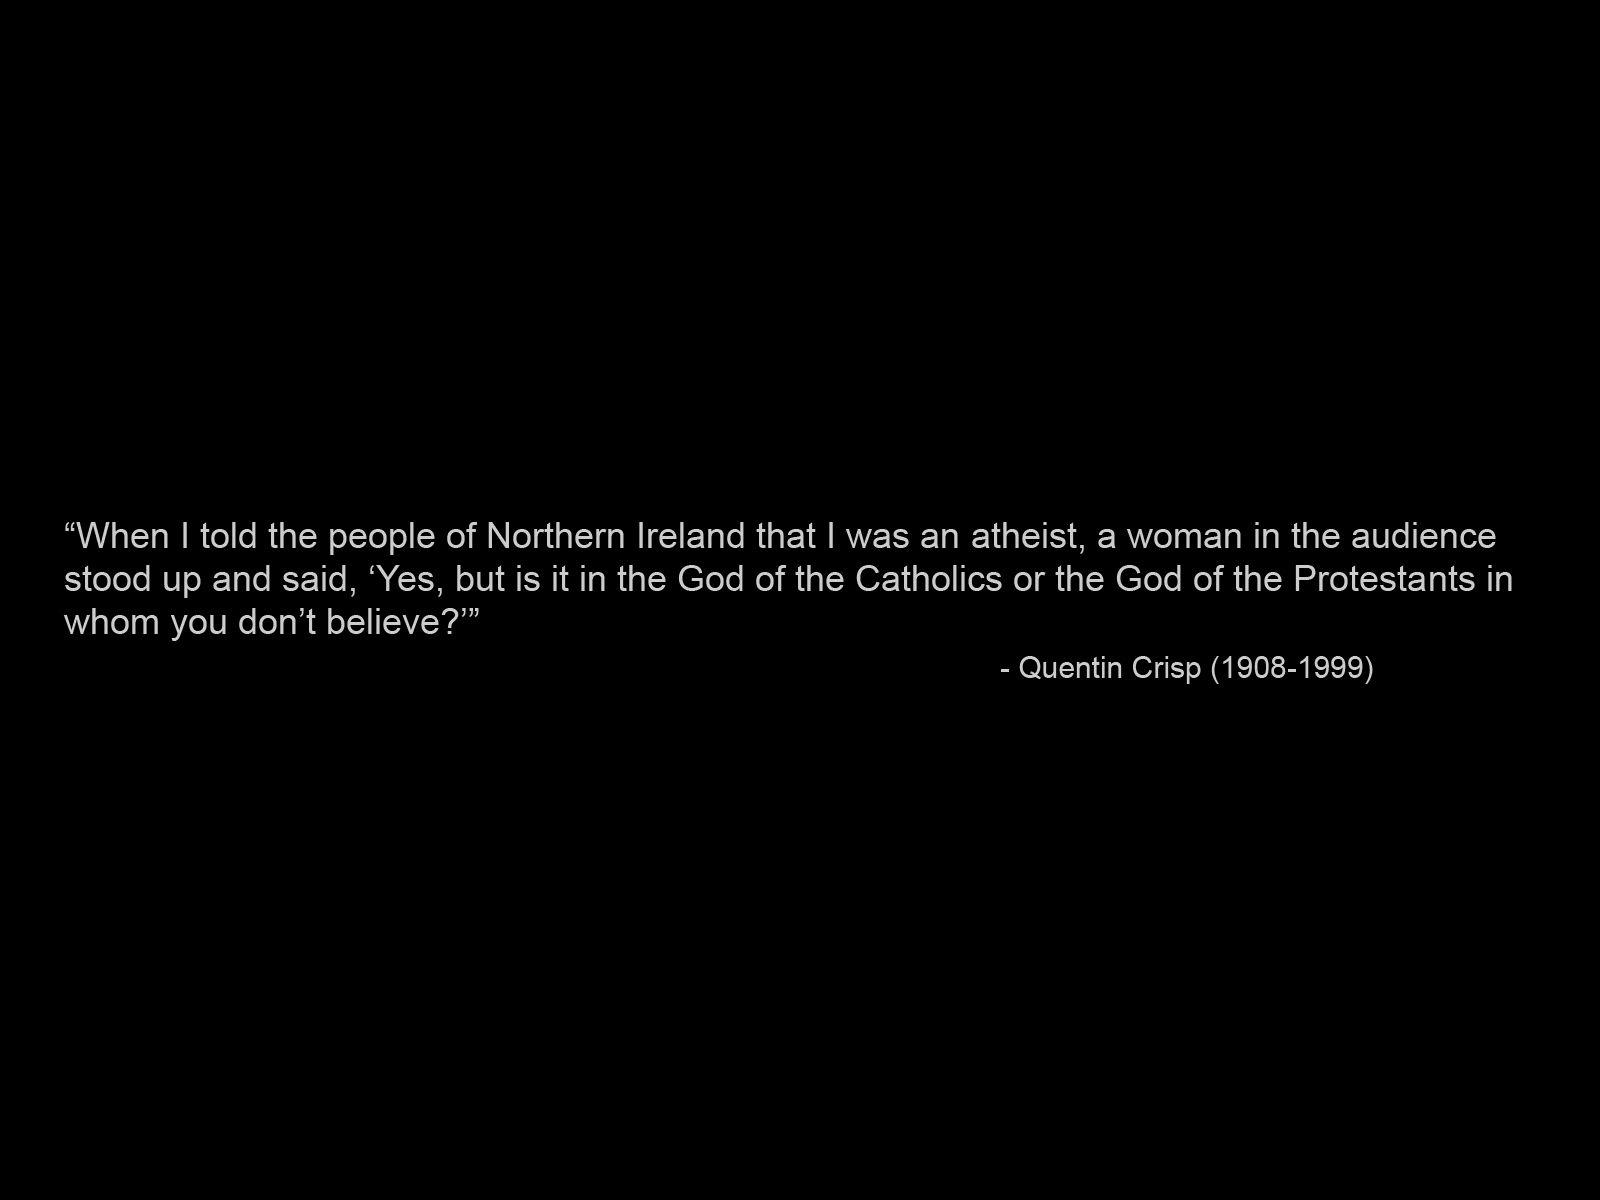 Quentin Crisp's quote